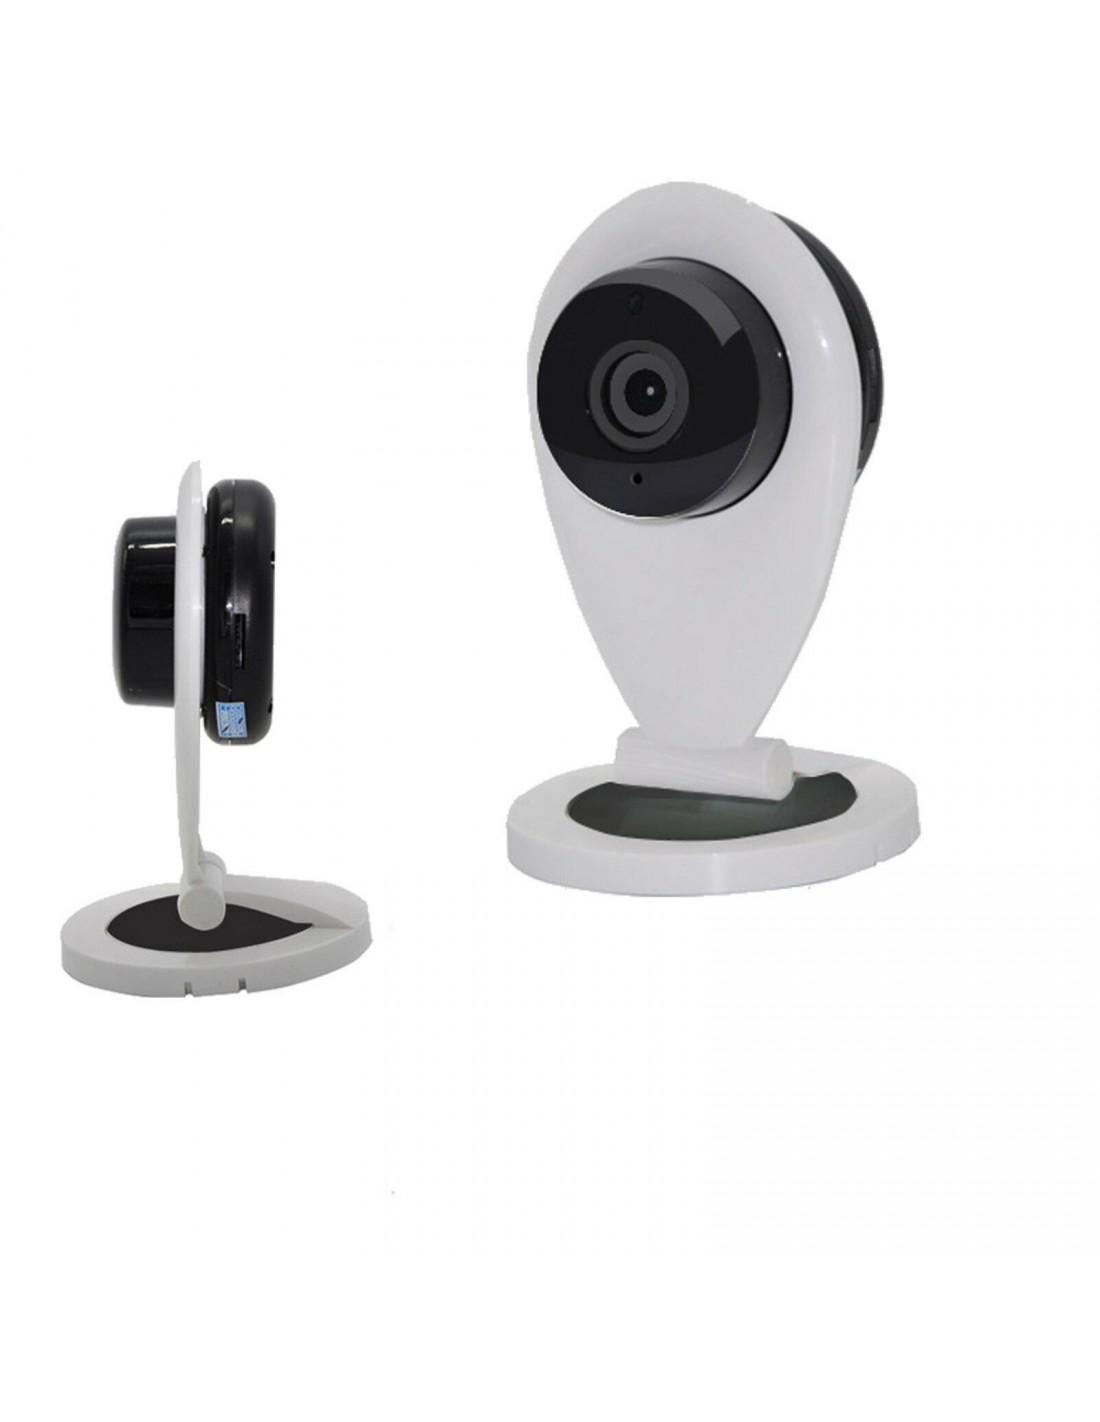 Kit antifurto allarme casa wireless digitale display sirena presa telefonica topolenashop s r l - Antifurti per casa wireless ...